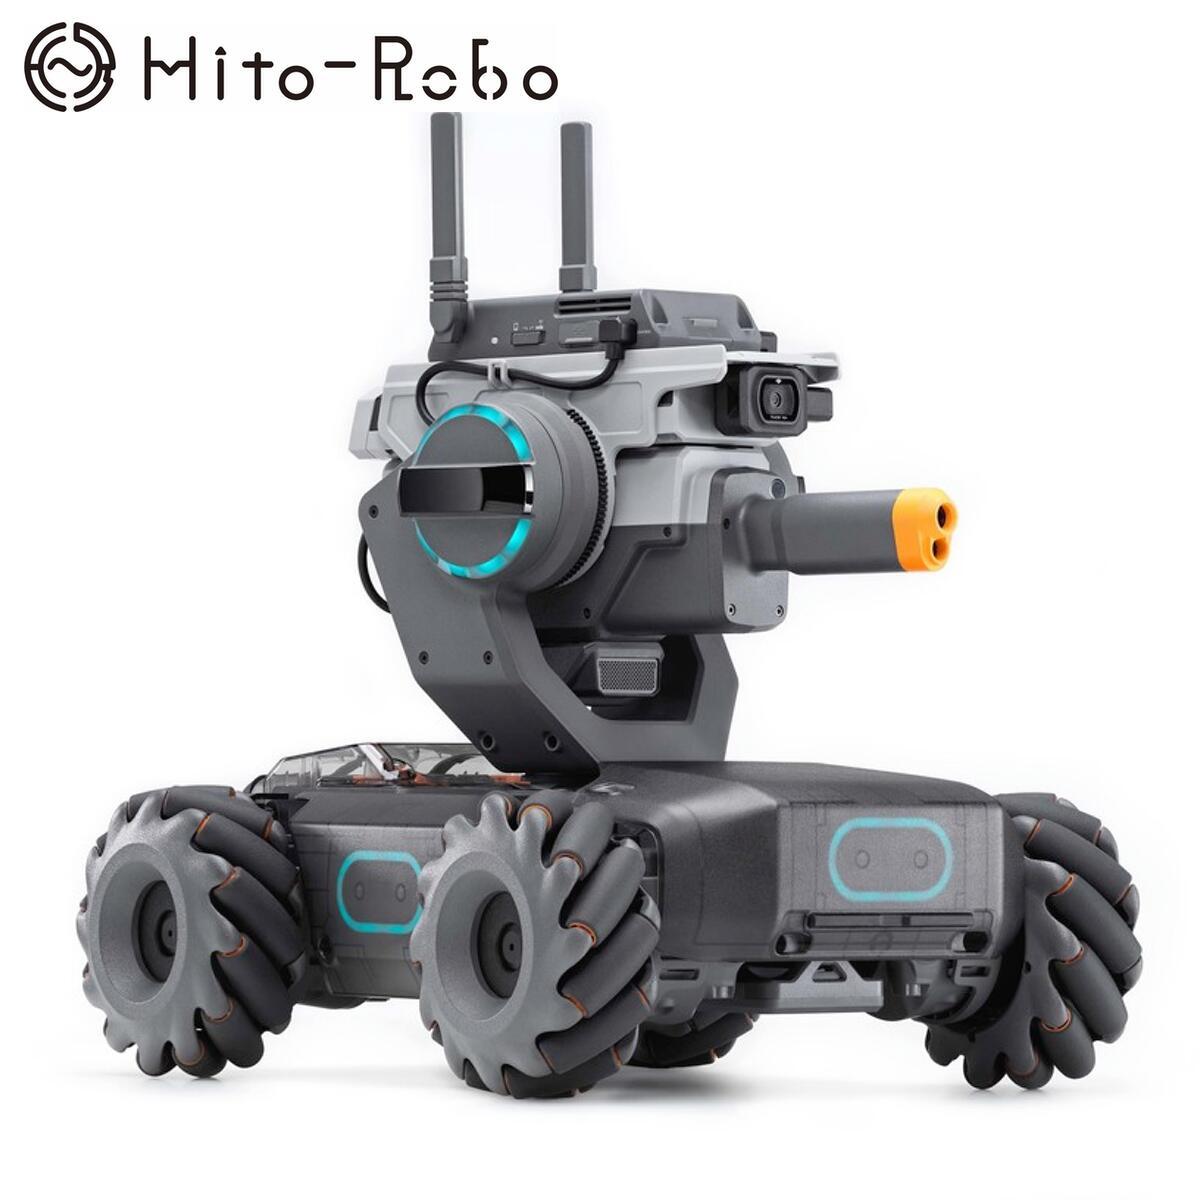 期間限定値下げ 在庫あり【国内正規品】 DJI RoboMaster S1 スターターセット(ロボマスター エスワン スターター セット)ラジコン プログラミング 教育用 子供 ロボット 工学 戦車型 陸上 ゲーム 学習 4WD FPV AI キャンペーン セール